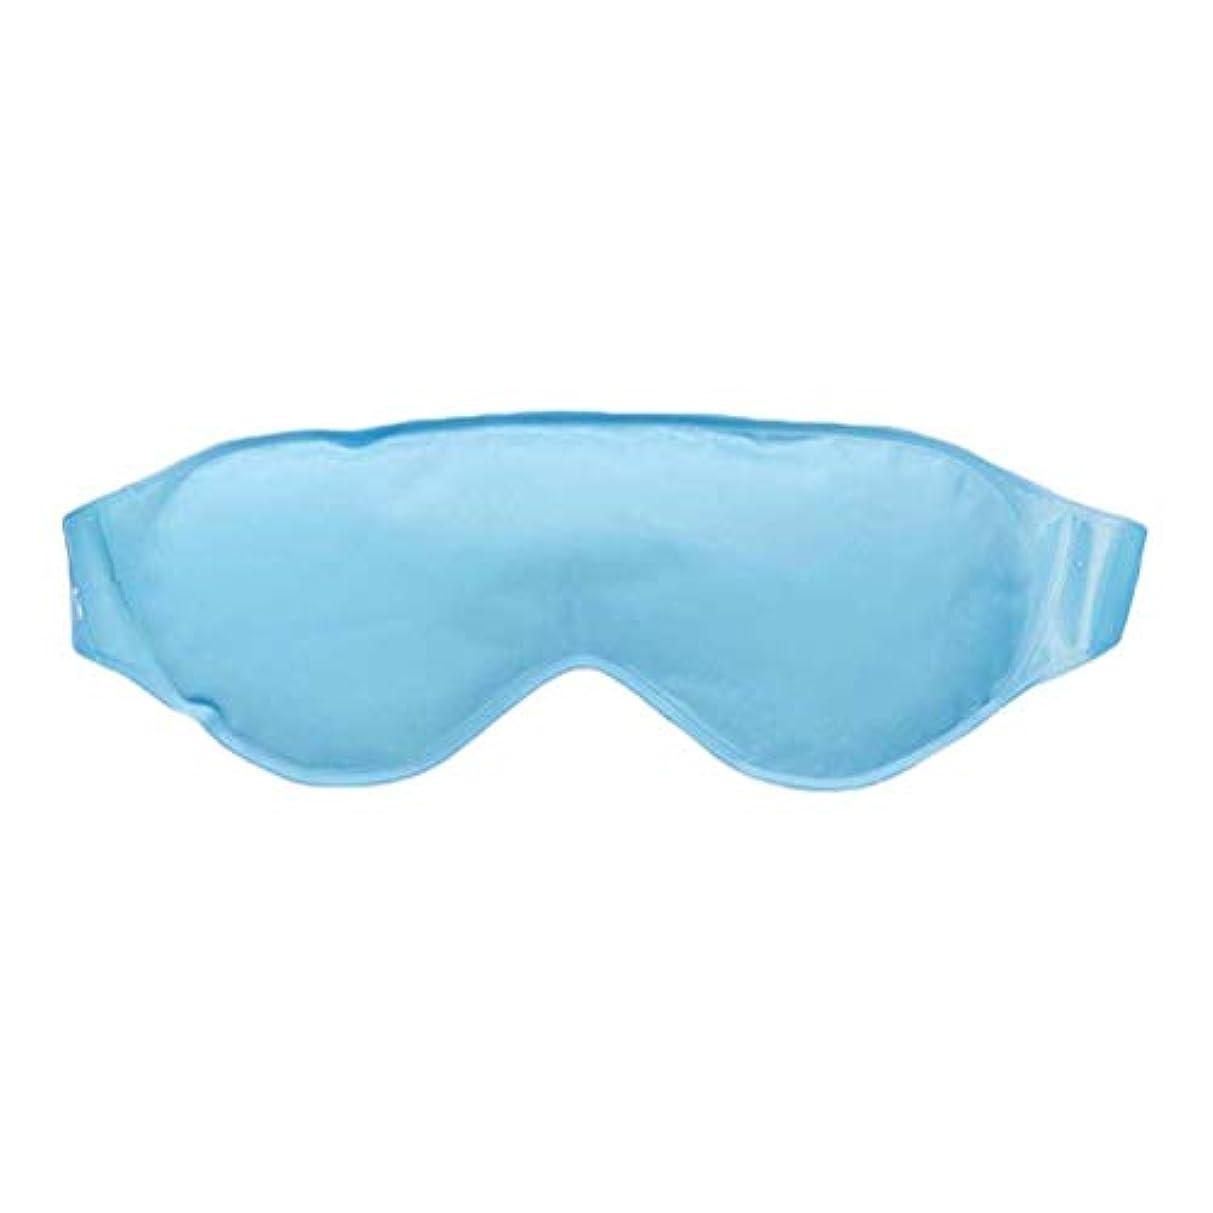 ラウズ買い物に行くカルシウムSUPVOX アイスフェイス物理的冷却アイマスクアイスコンプレッションバッグアイレリーフマスク(ブルー)